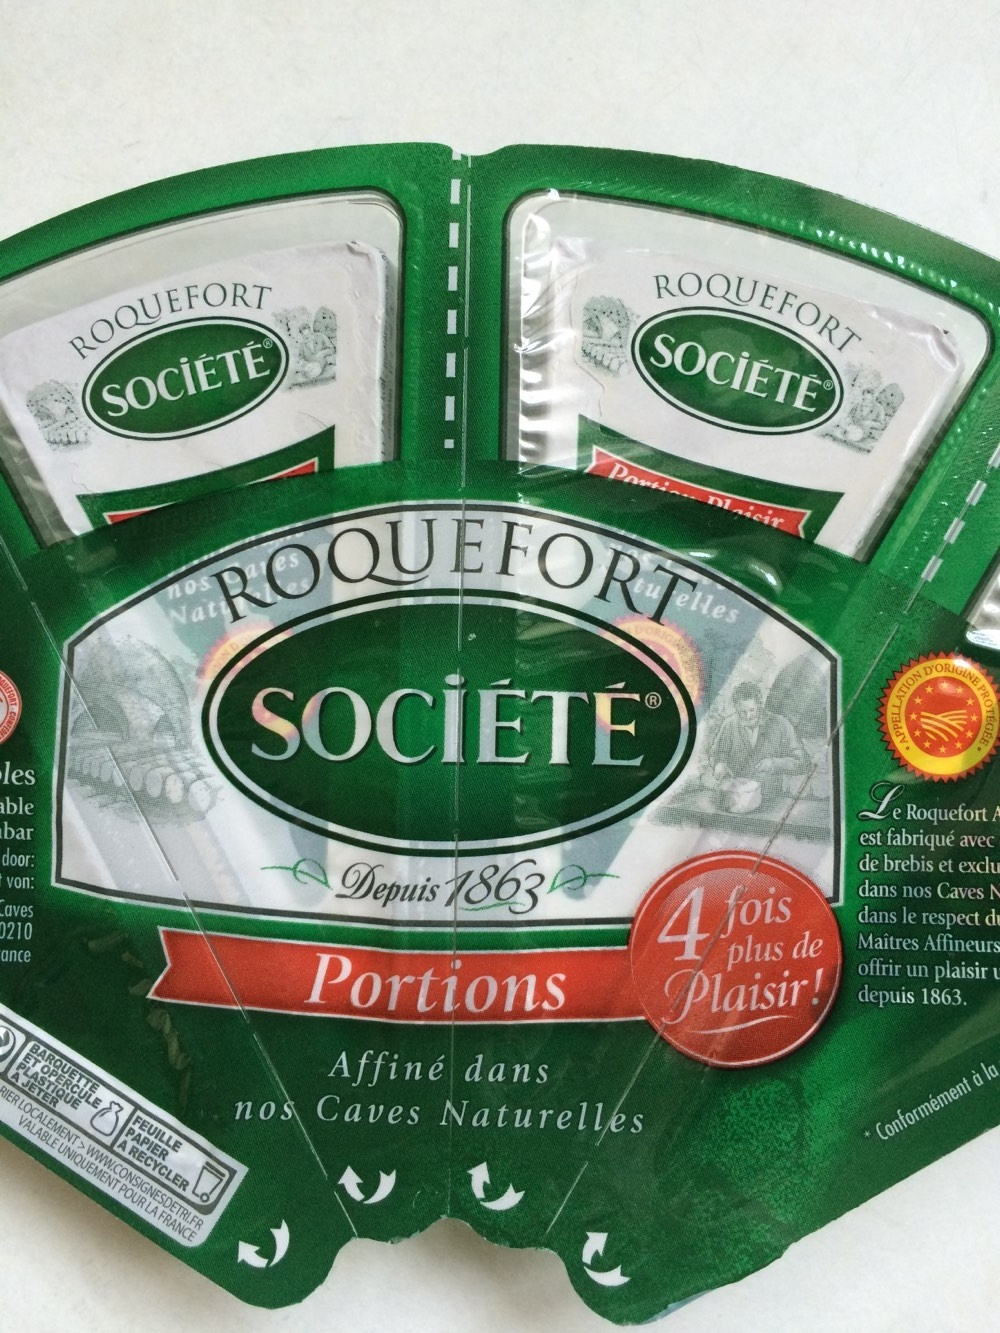 Roquefort société portions - Produit